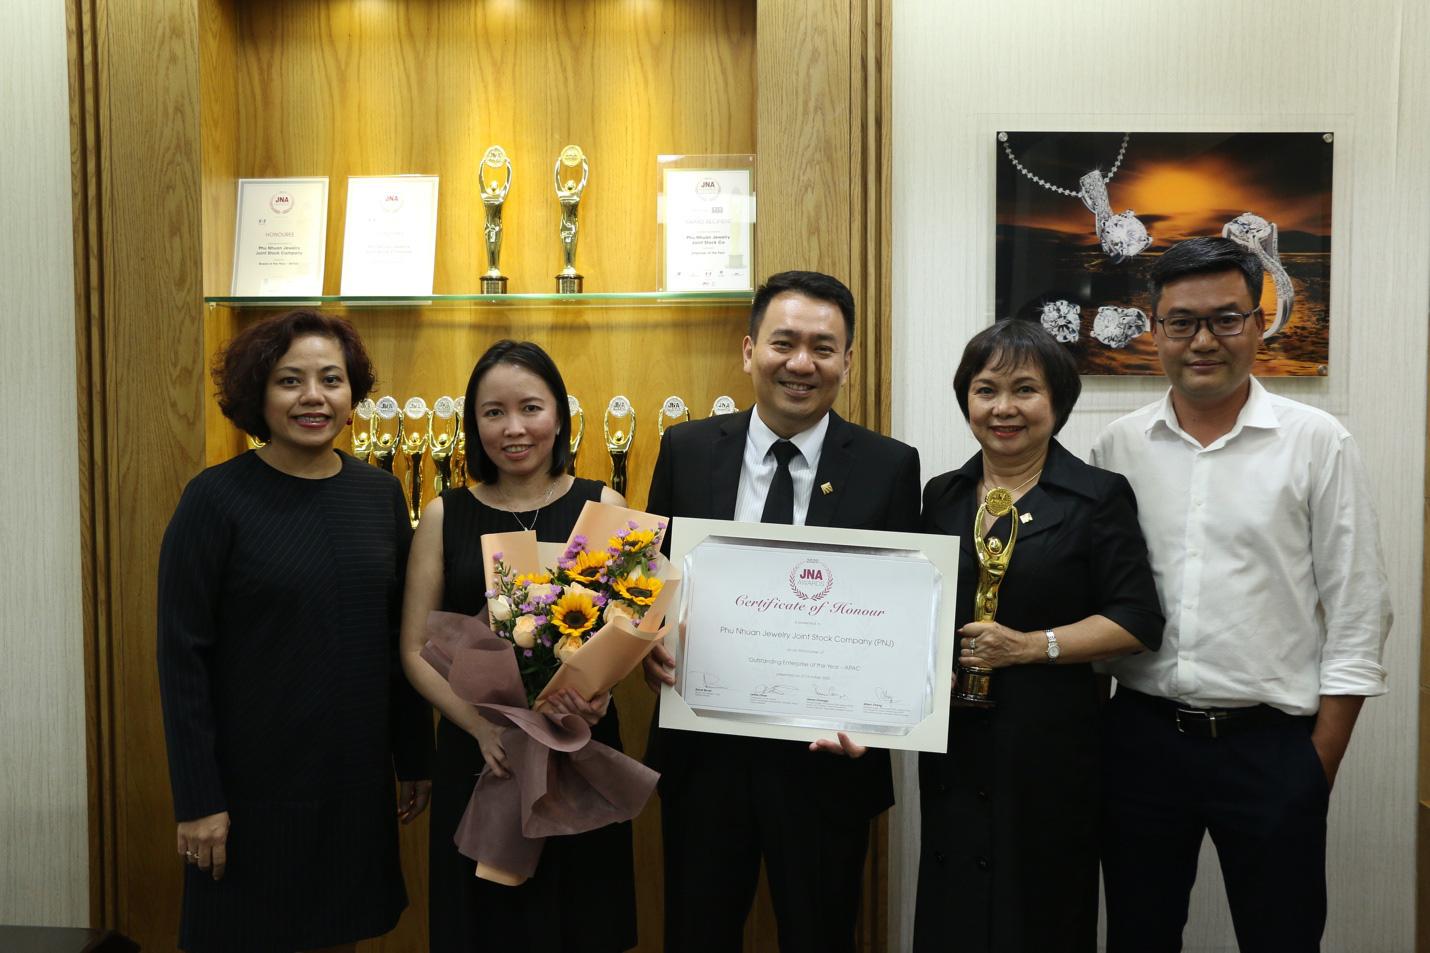 PNJ xuất sắc đăng quang ngôi vị doanh nghiệp số 1 châu Á tại JNA Awards 2020 - Ảnh 2.